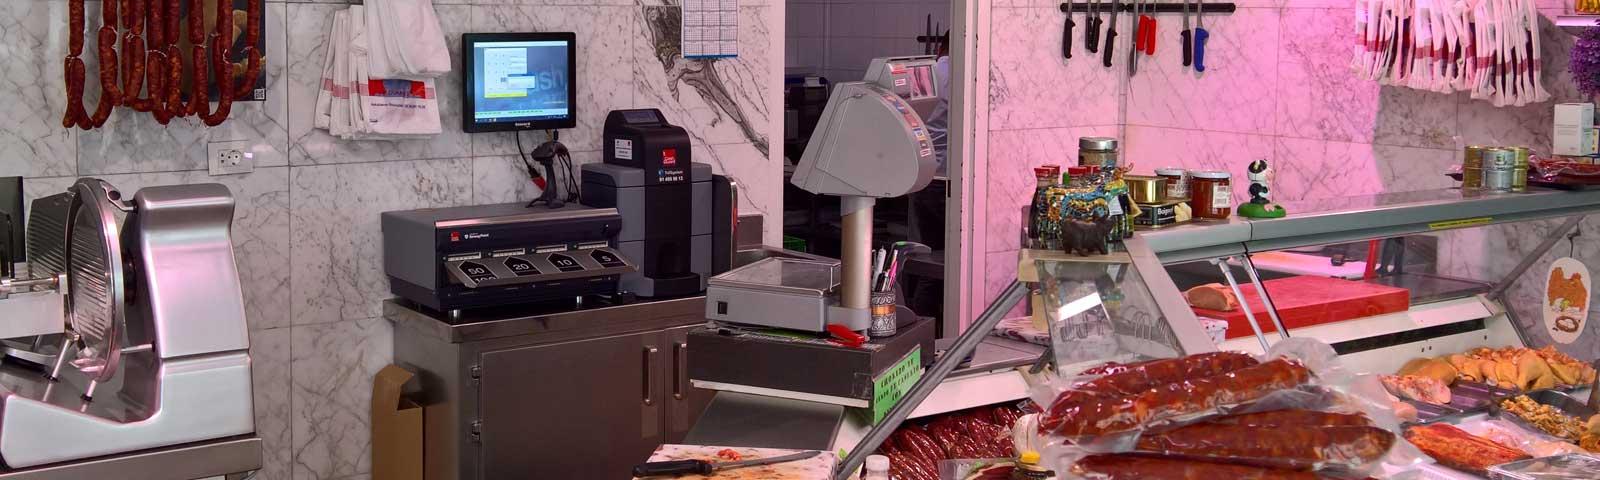 Sectores de negocio Telsystem: Alimentación